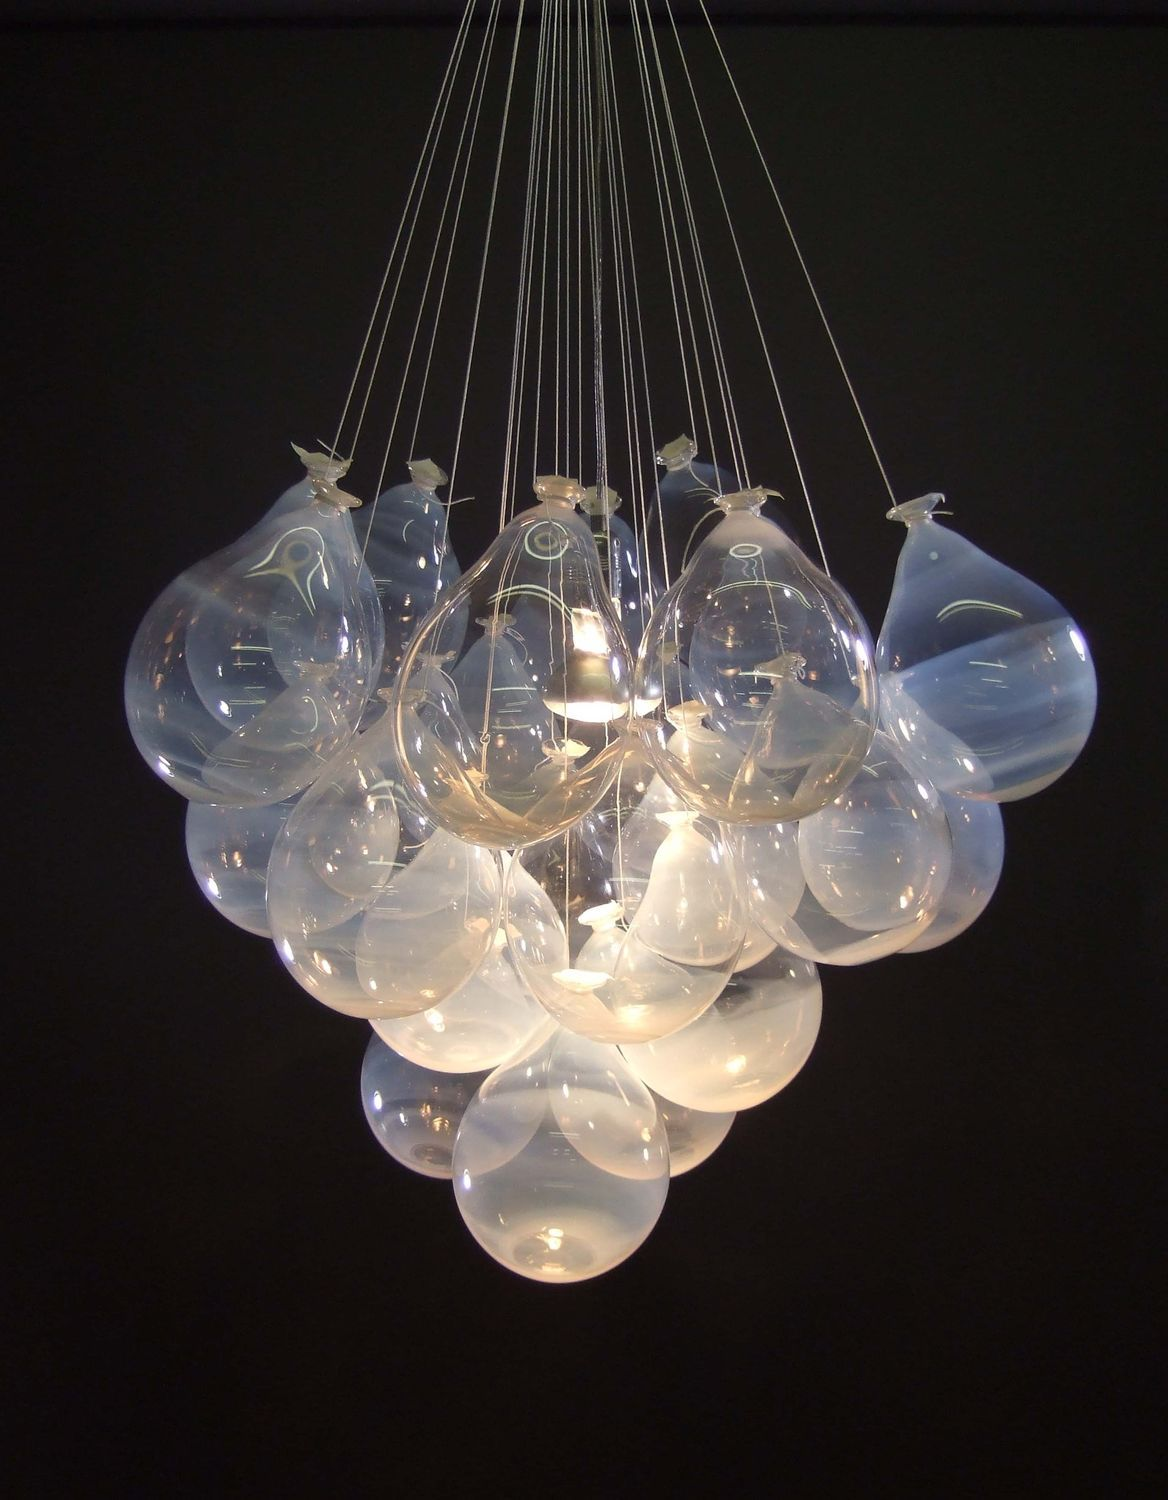 Lampada a sospensione / di design originale / indoor / in vetro ...